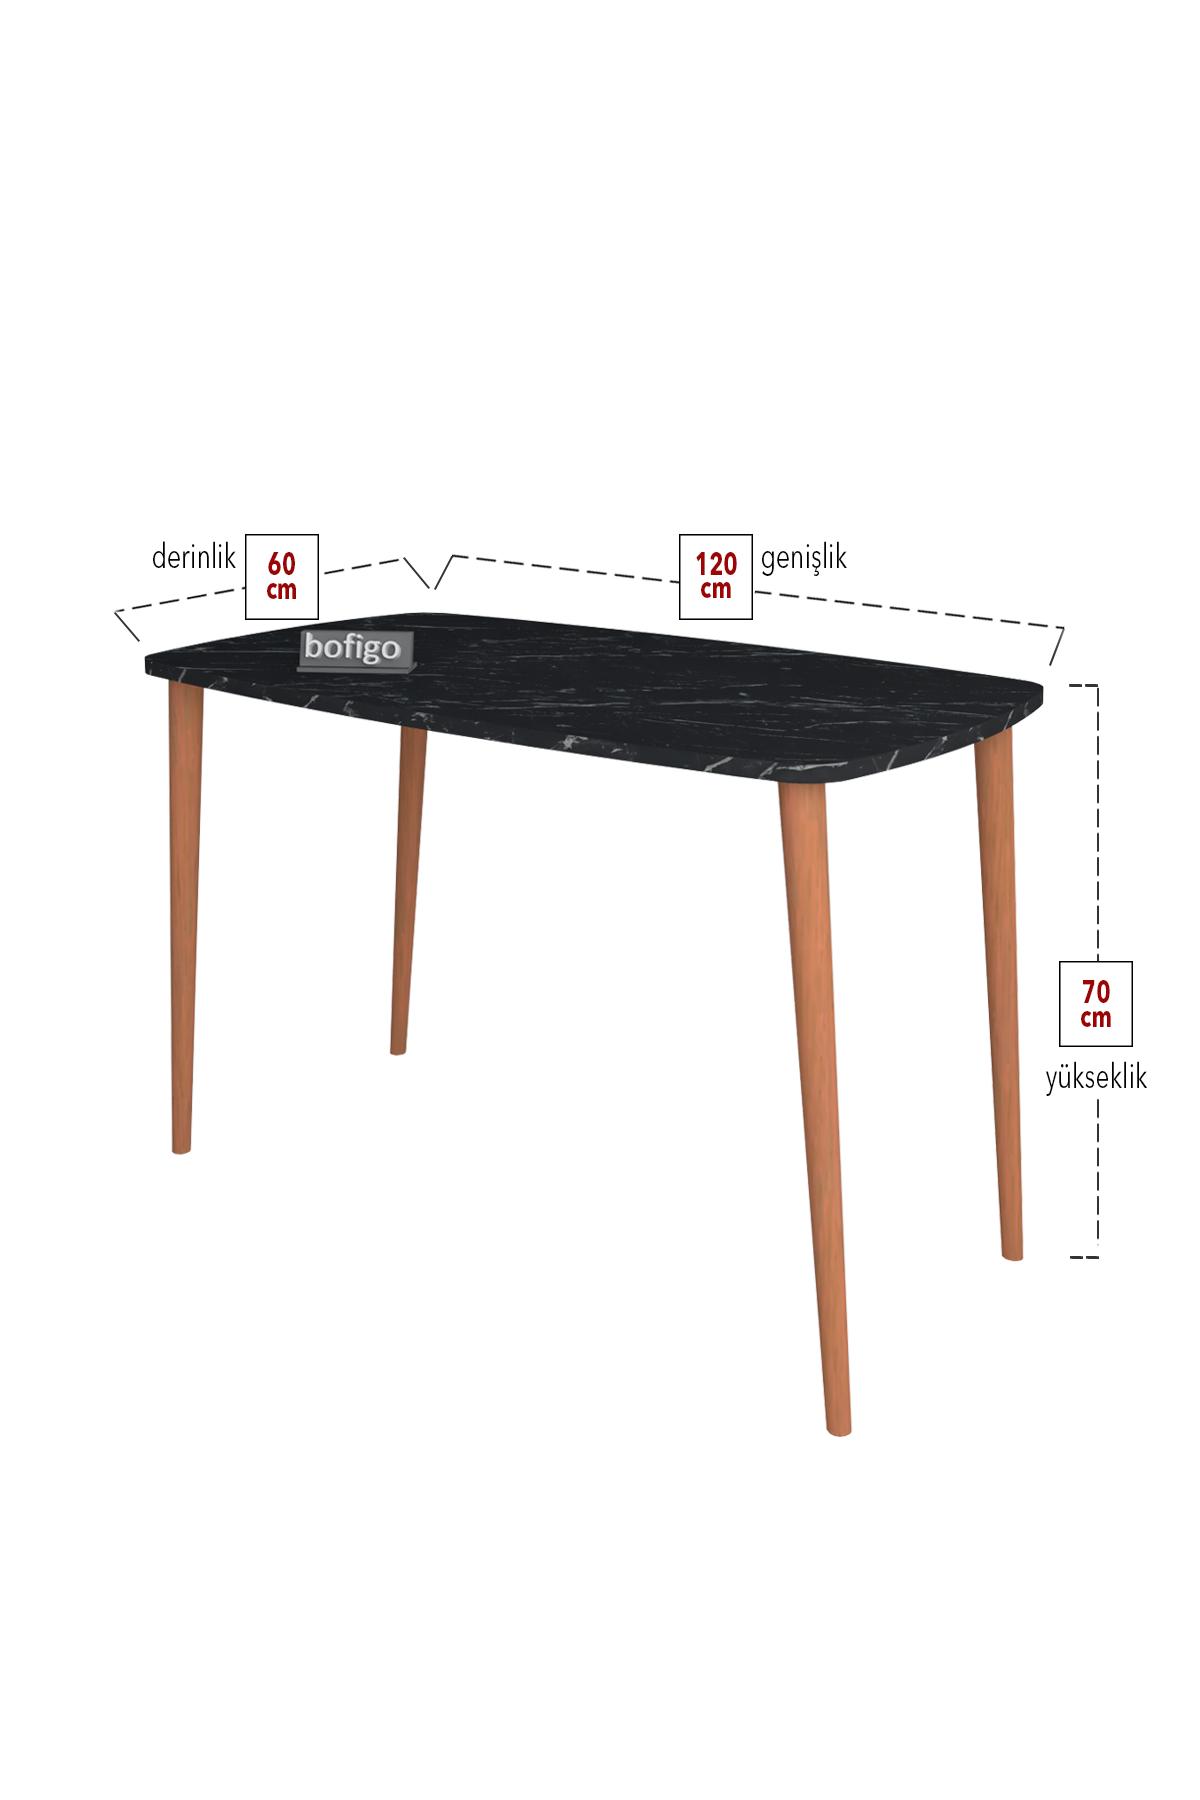 Bofigo Çalışma Masası 60x105 Cm Bendir (Ahşap Ayaklı)